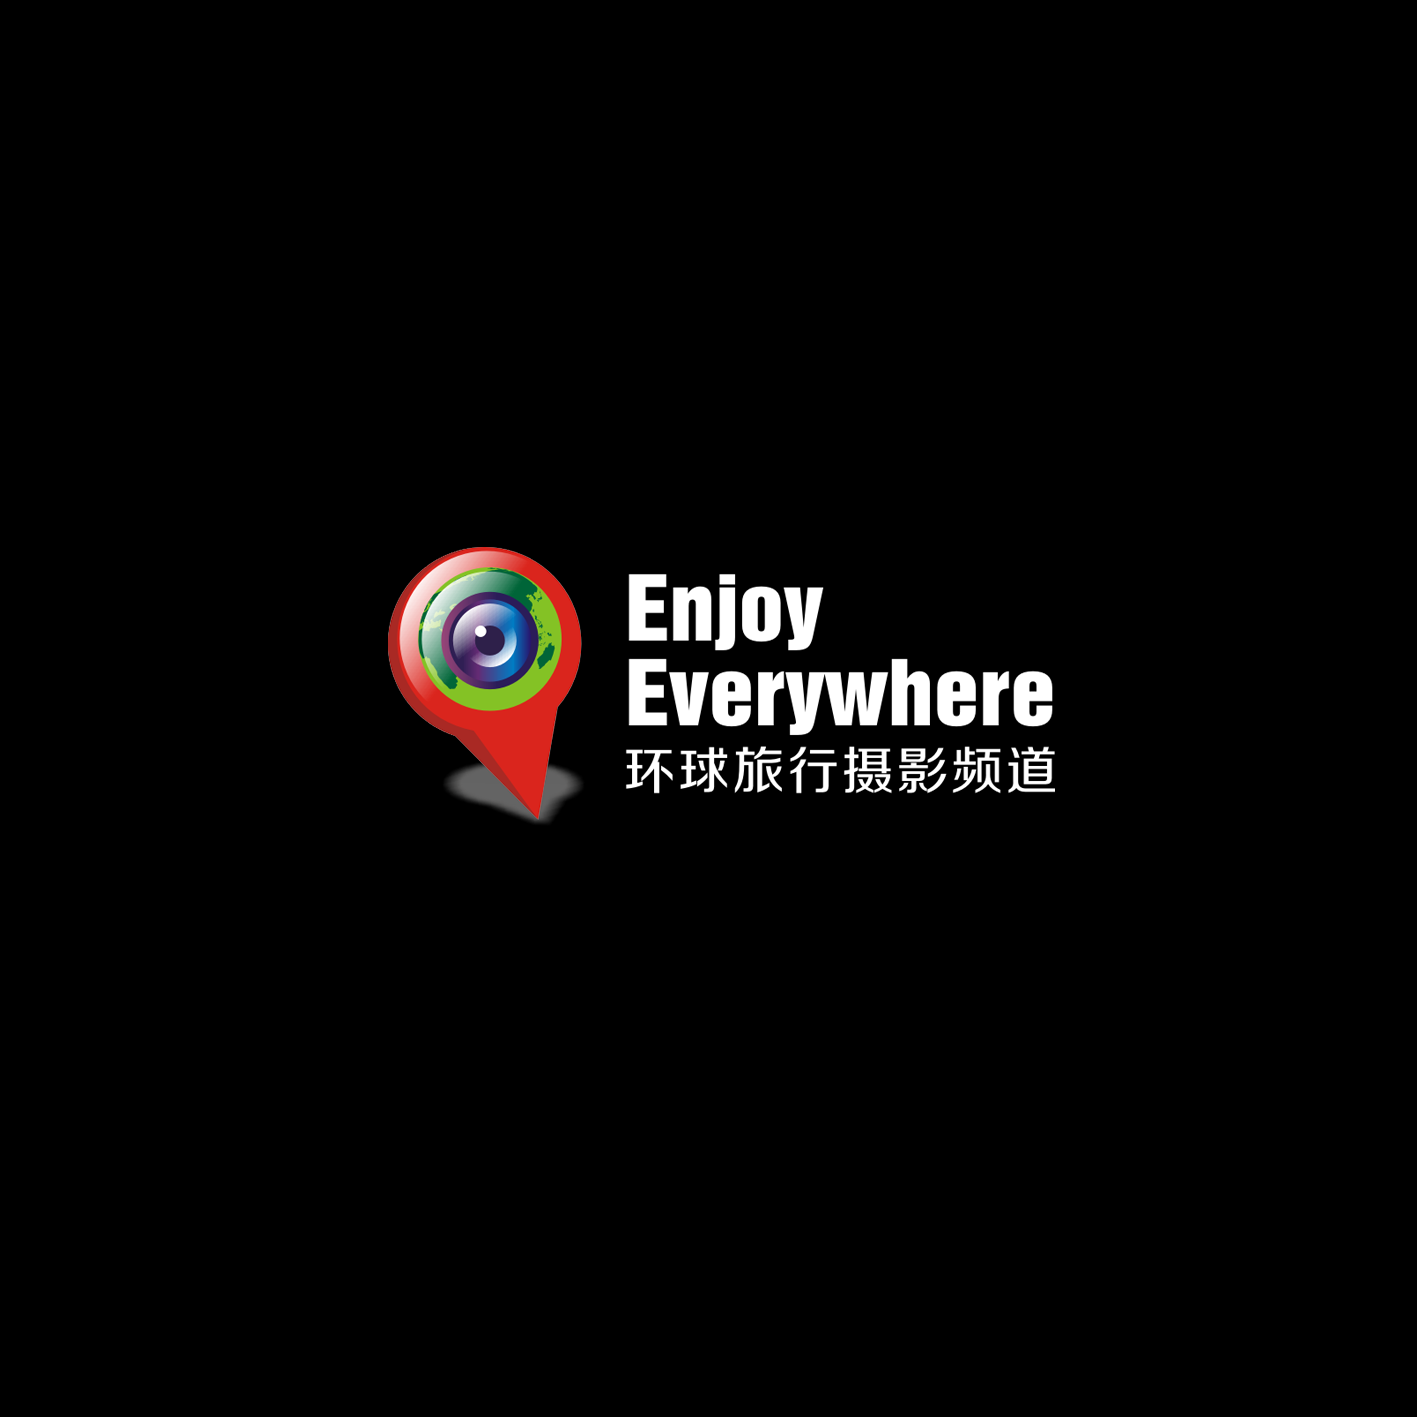 環球旅行攝影頻道